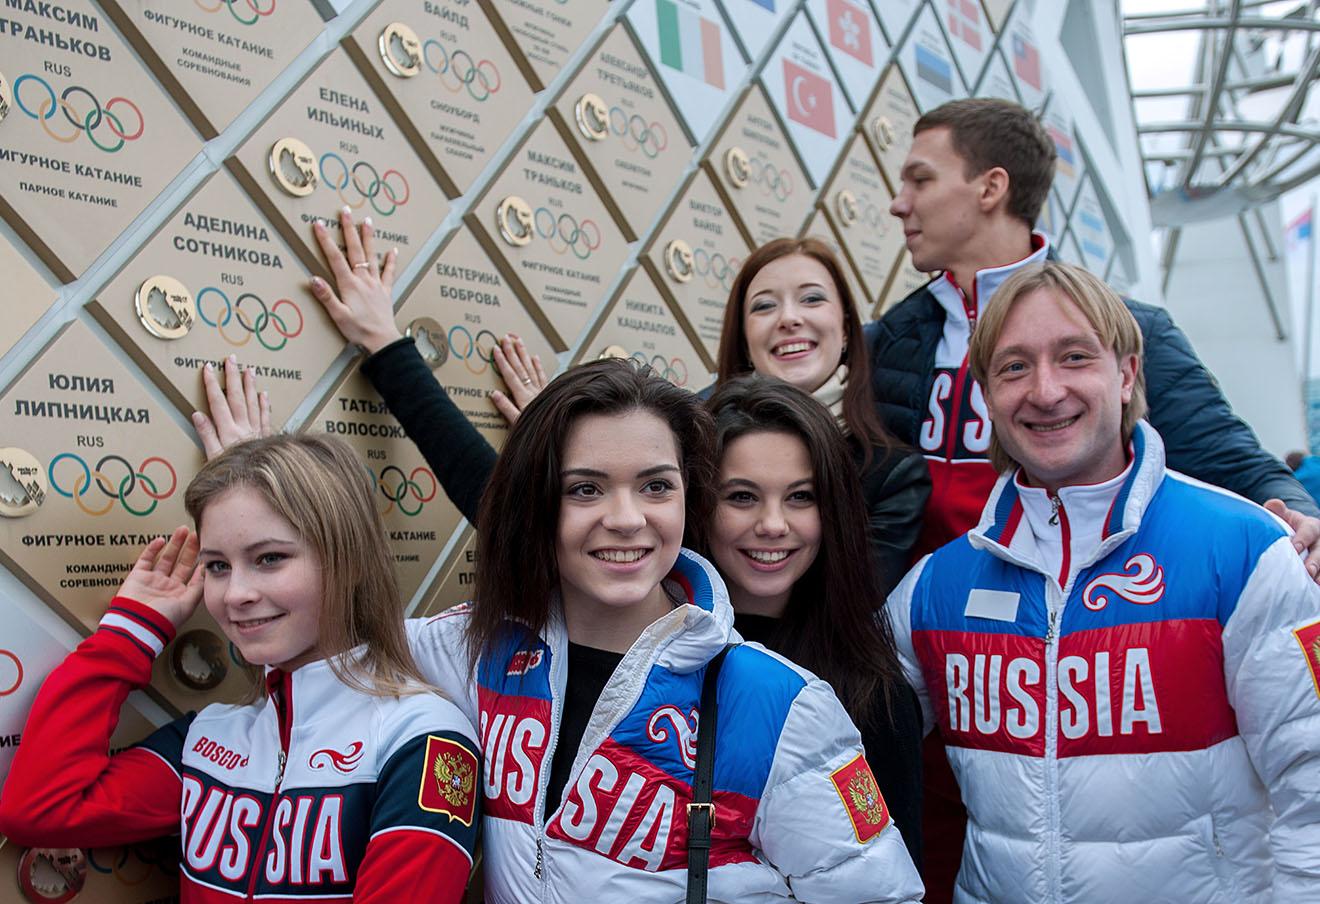 Российские фигуристы на открытии скульптурной композиции «Стена чемпионов Игр» в Олимпийском парке в Сочи.